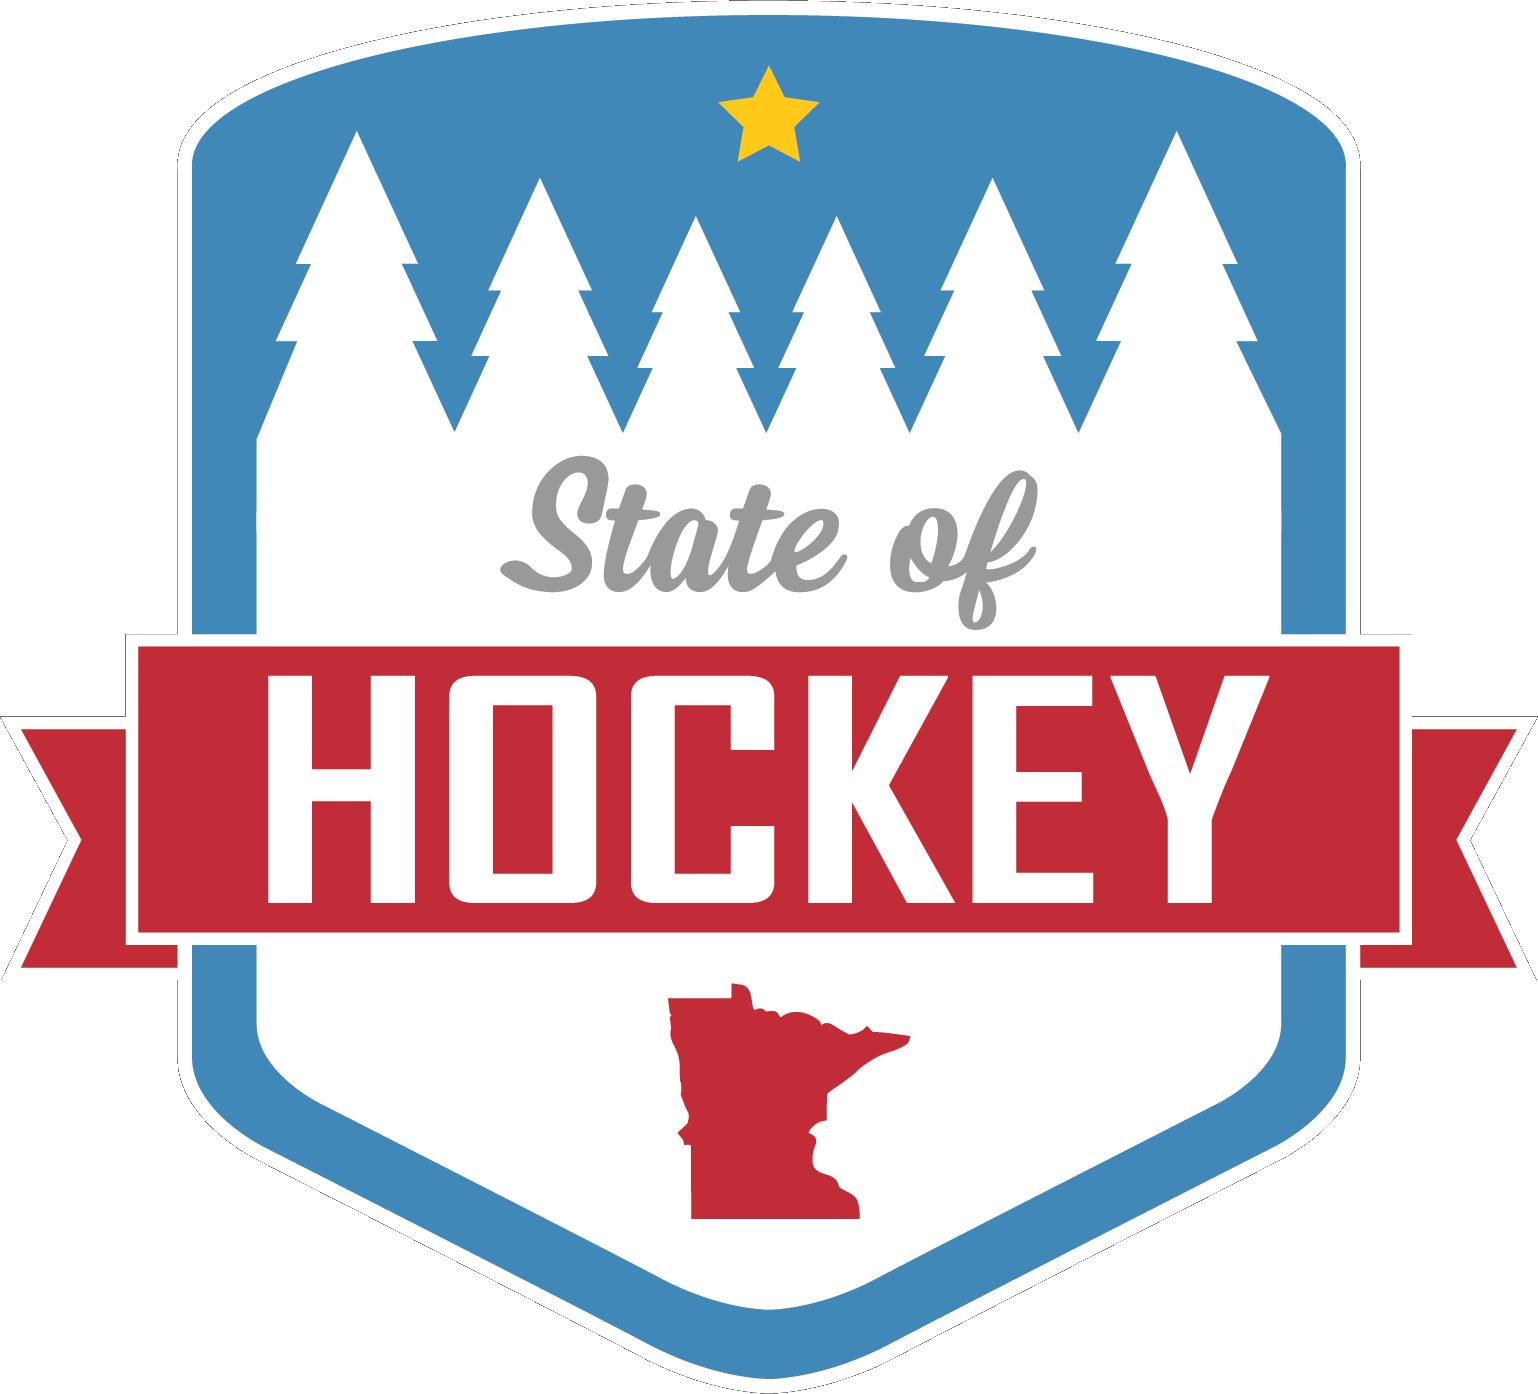 Hockey clipart hockey tournament. Let s play